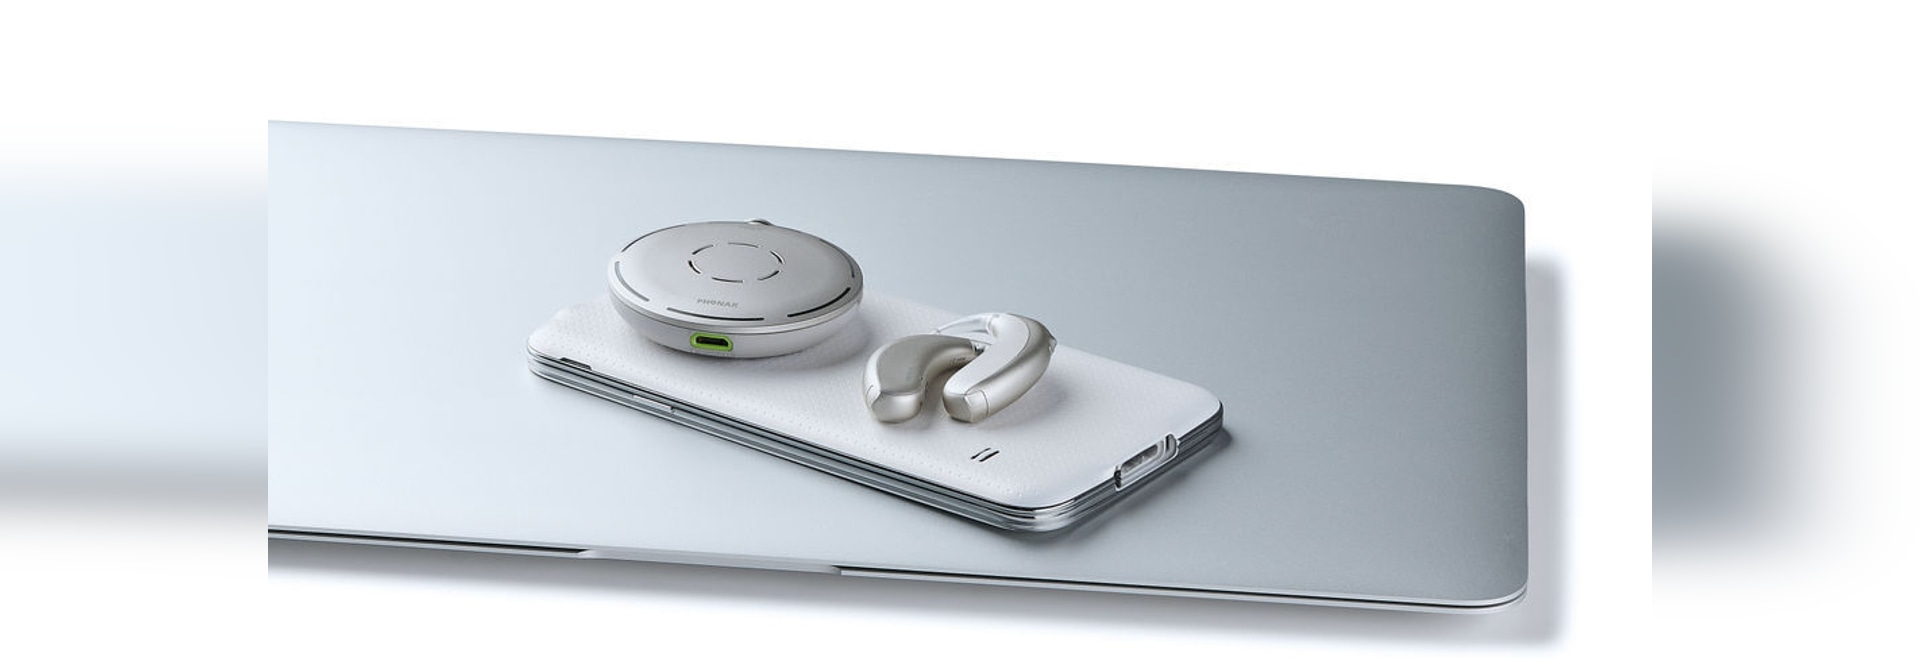 Phonak veröffentlicht Naída Marvel mit universeller Bluetooth-Konnektivität und RogerDirect